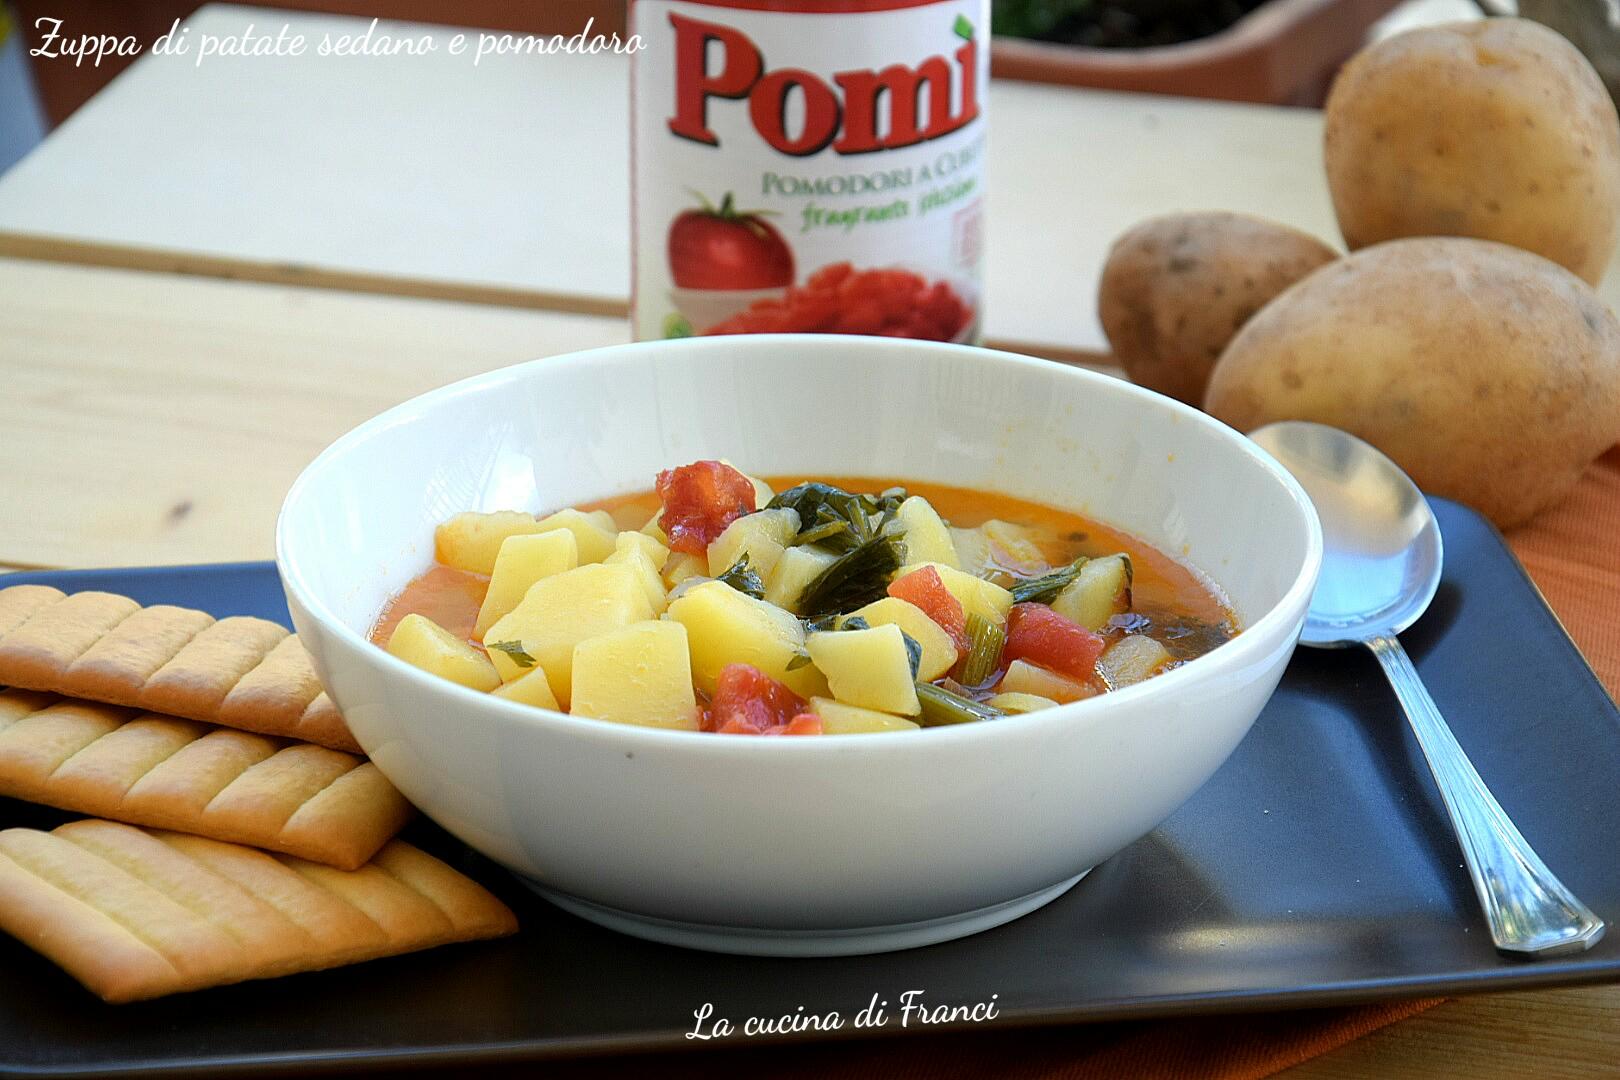 Zuppa di patate sedano e pomodoro 2